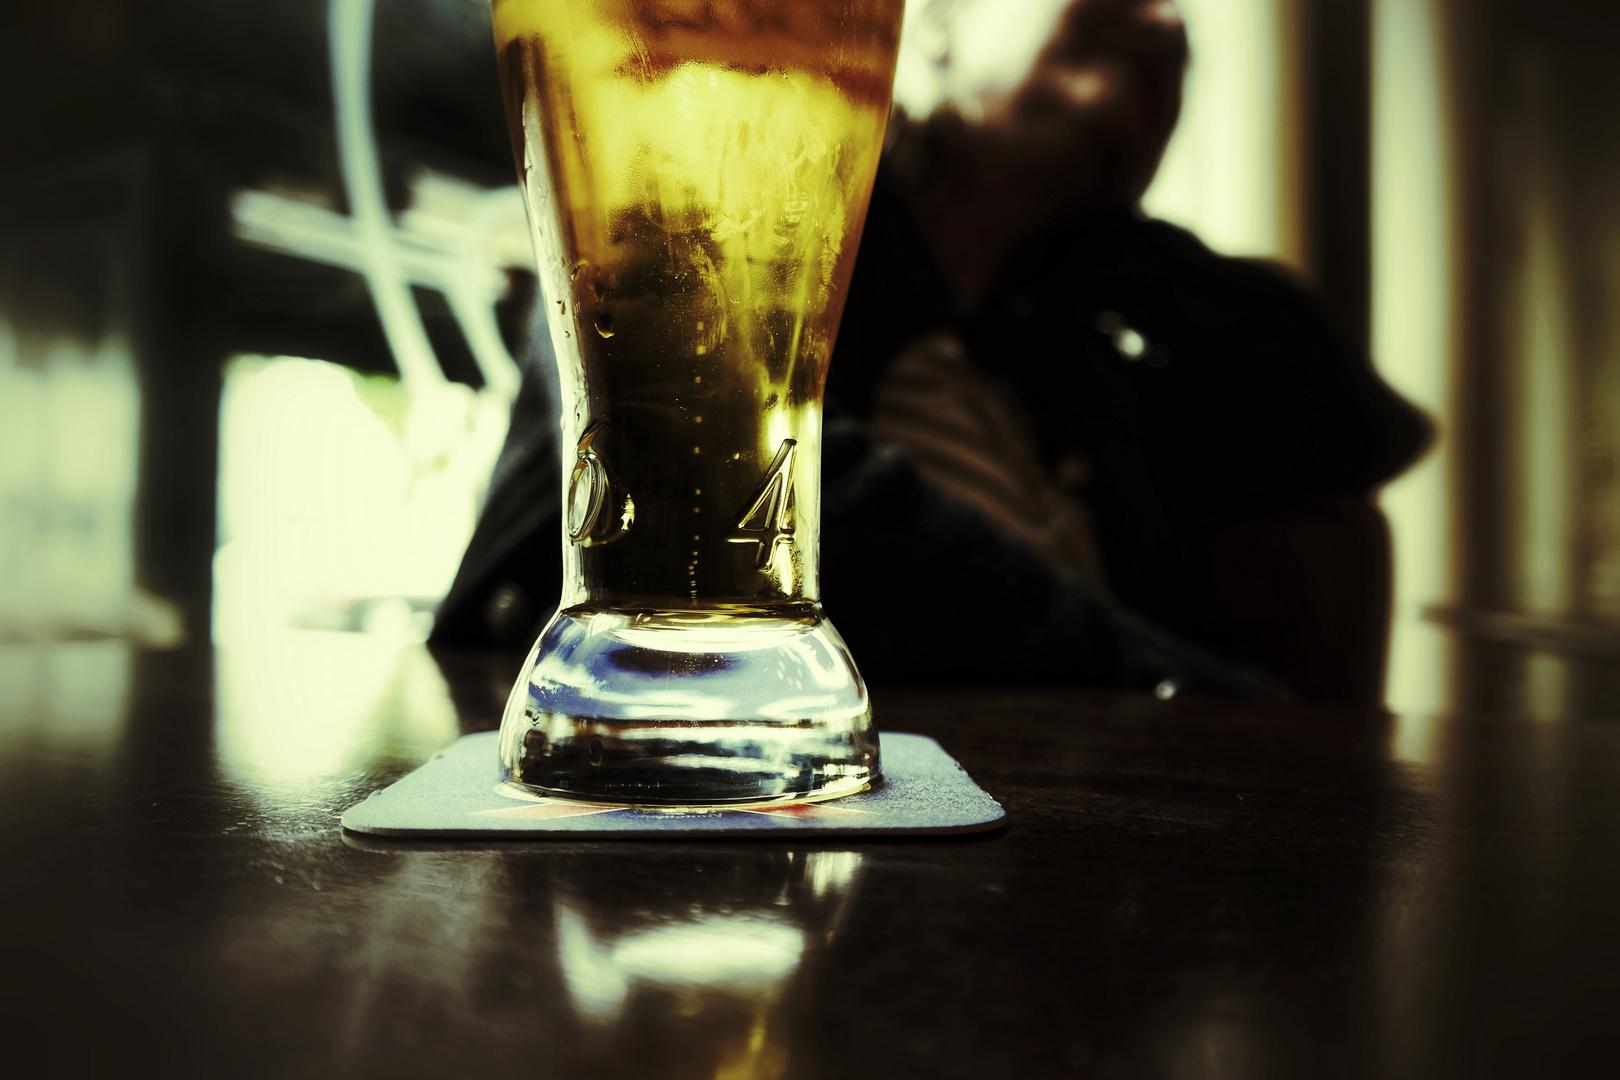 Gesellschaftlich toleriert.......der selbstverständliche Griff zum Alkohol